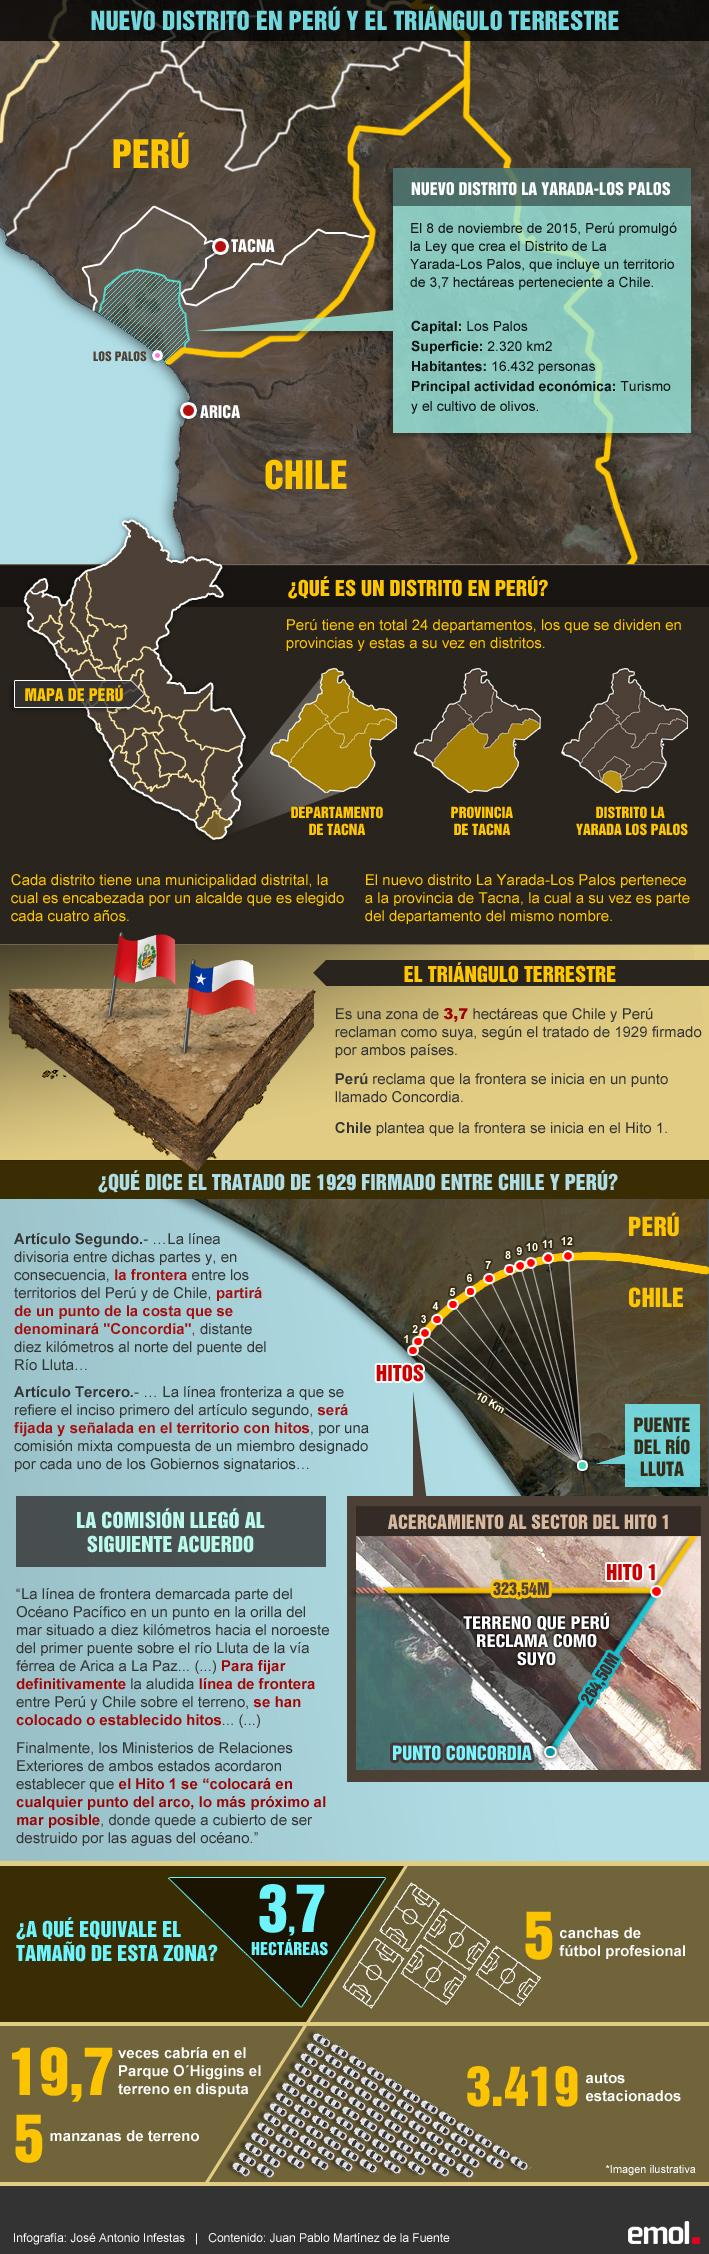 infografia-la-yarada-los-palos-peru